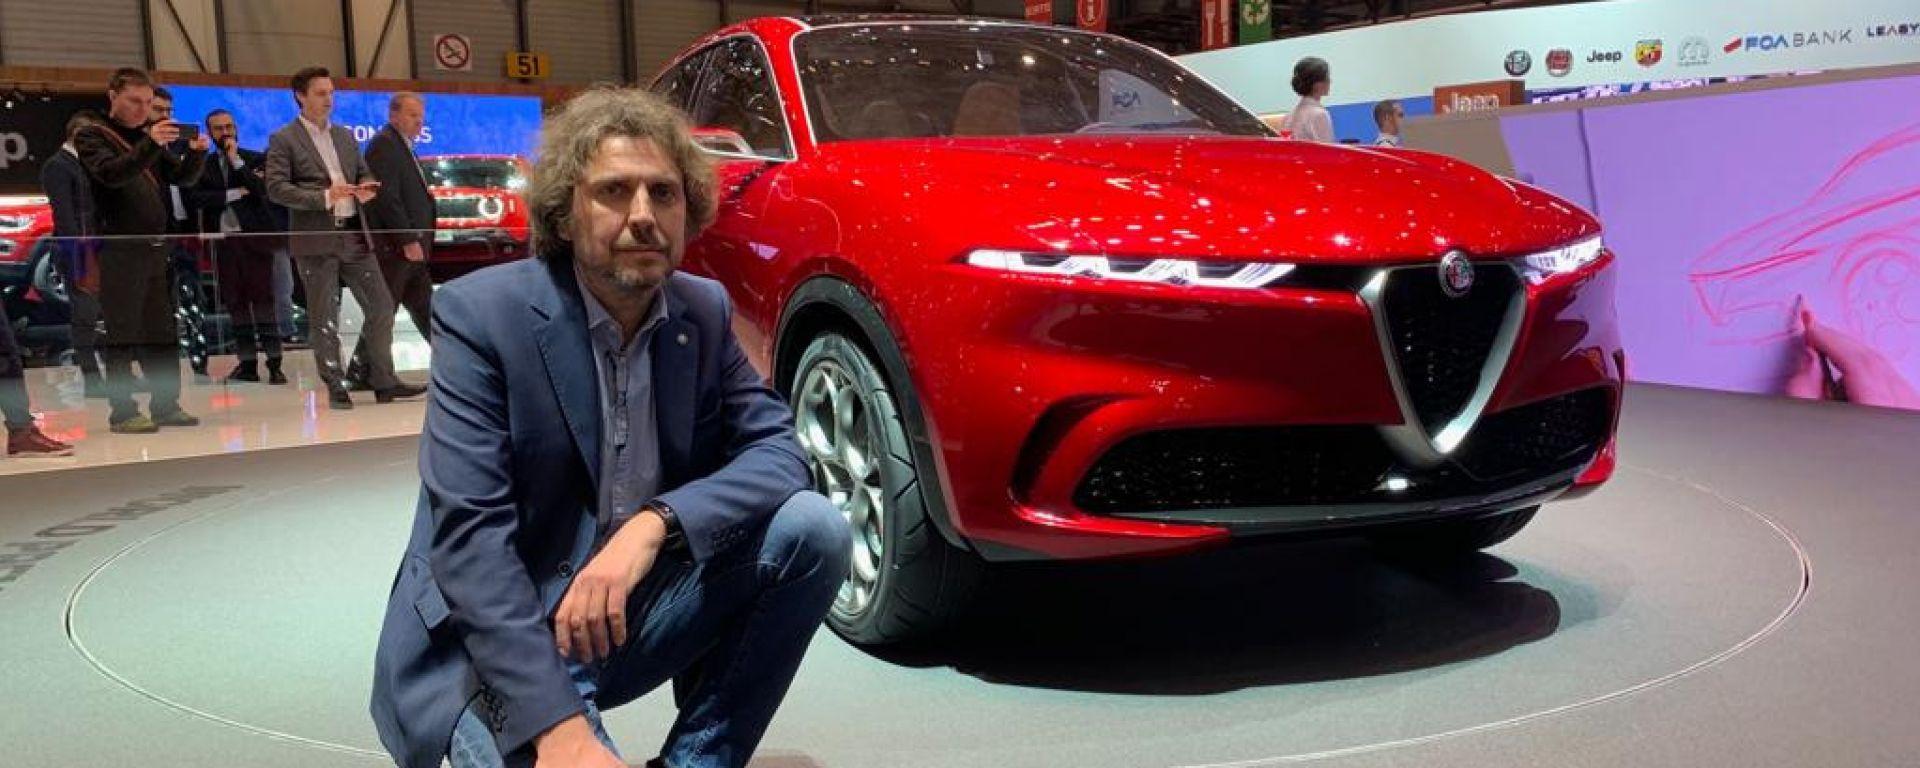 Salone di Ginevra 2019, le novità allo stand Alfa Romeo